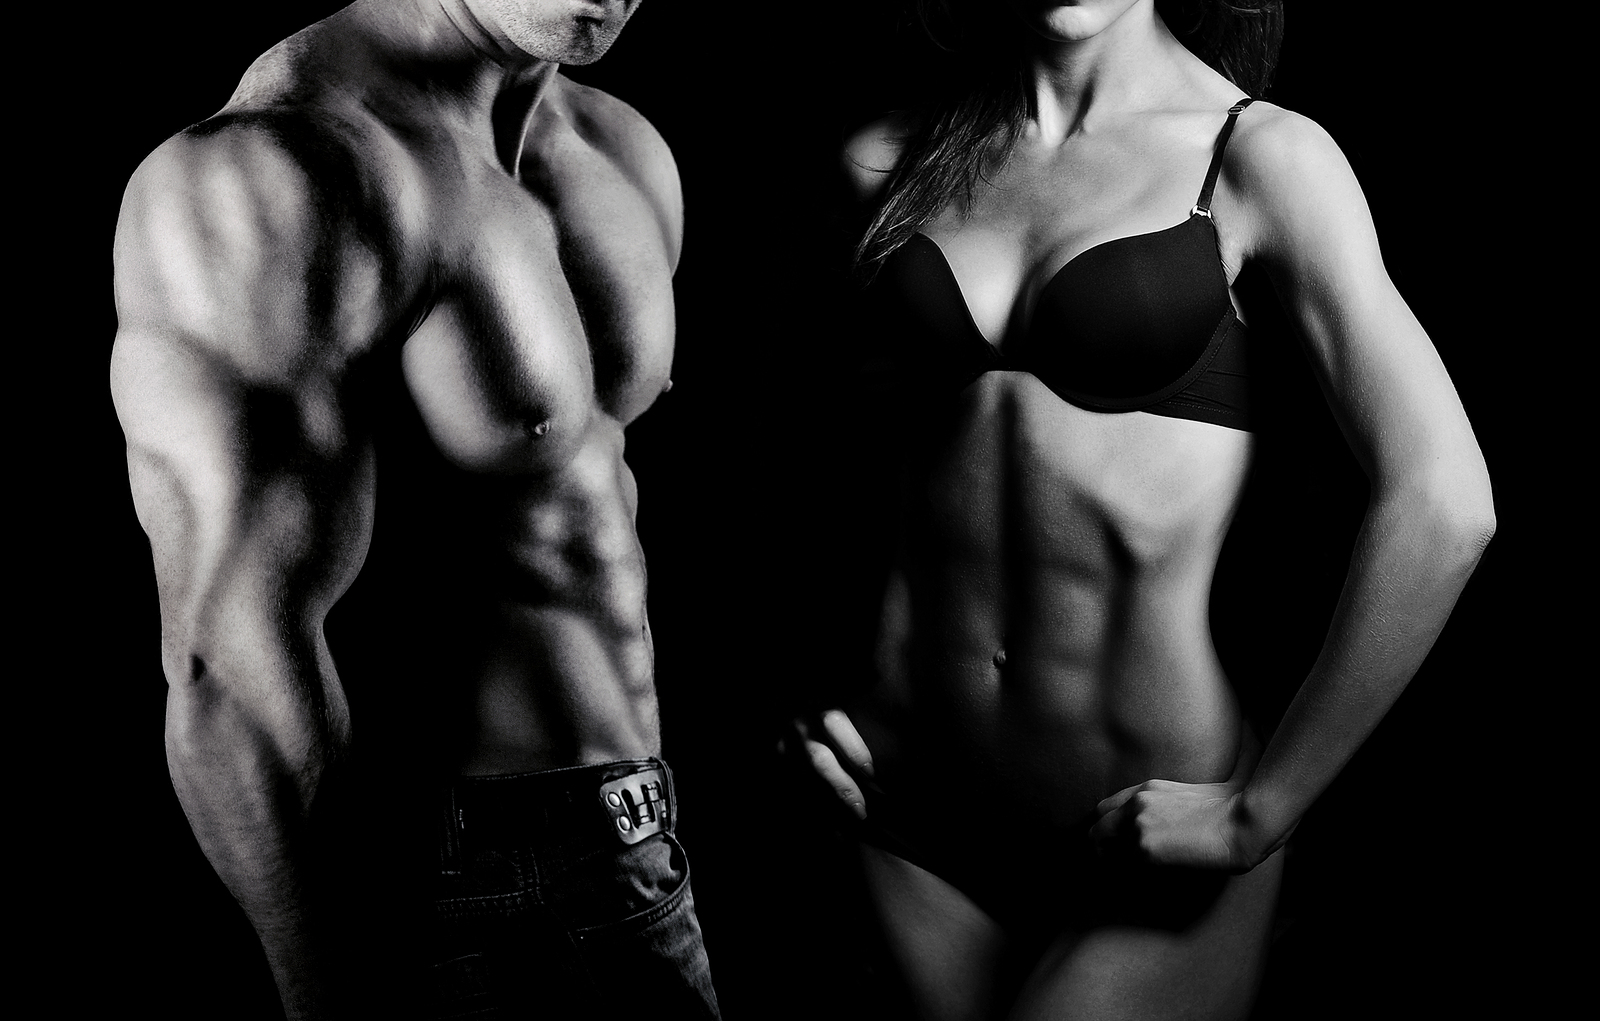 В чём отличия приёма между мужчинами и женщинами?